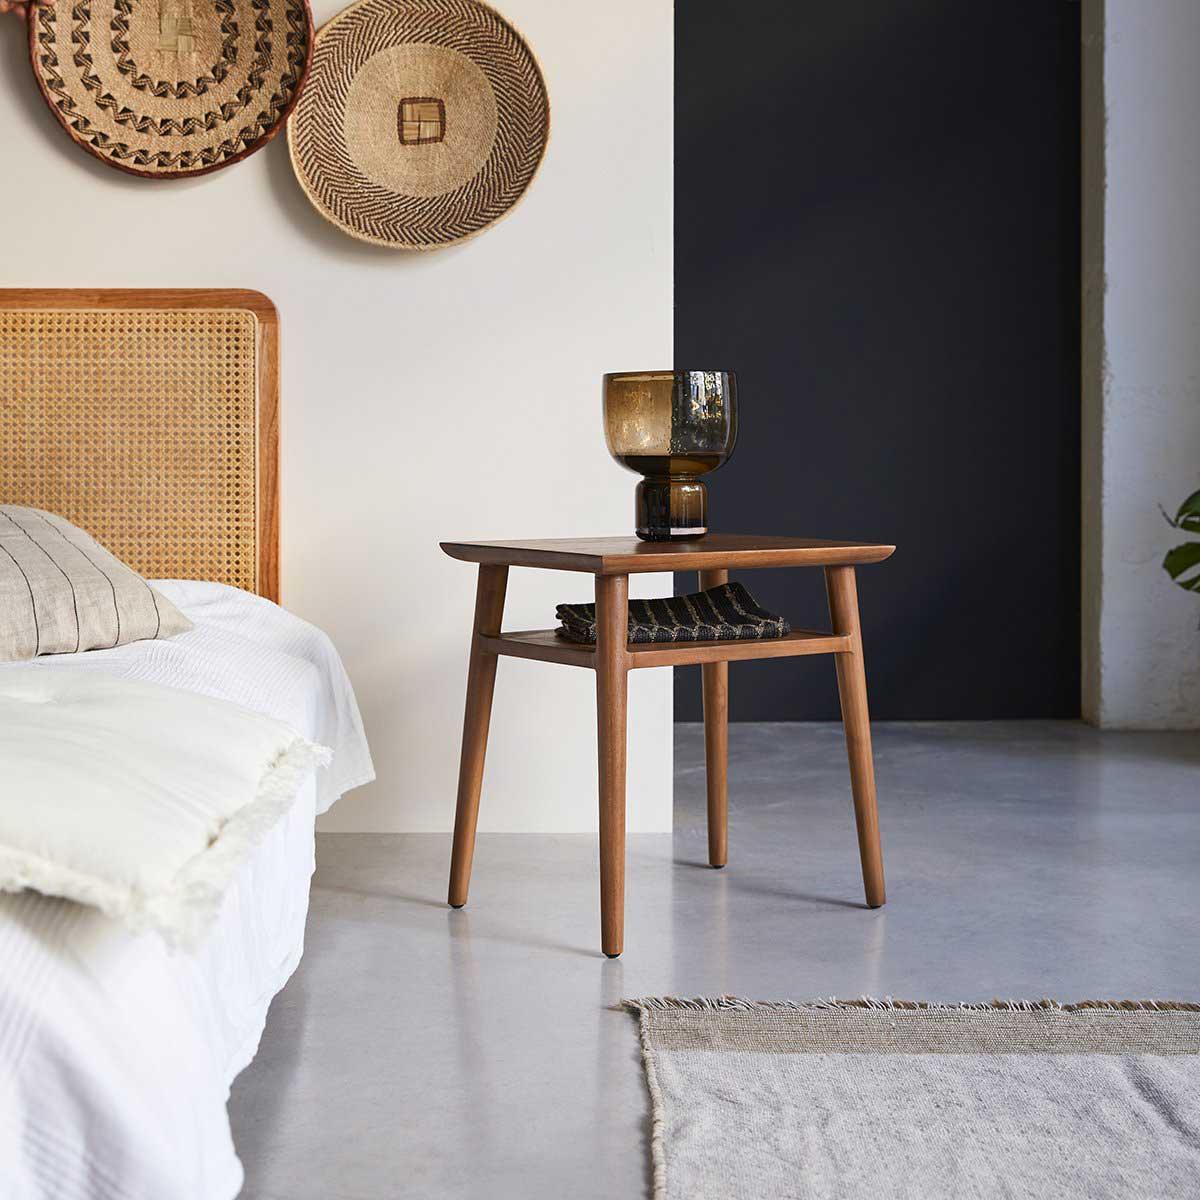 Table de chevet vintage : 21 idées esprit rétro pour la chambre